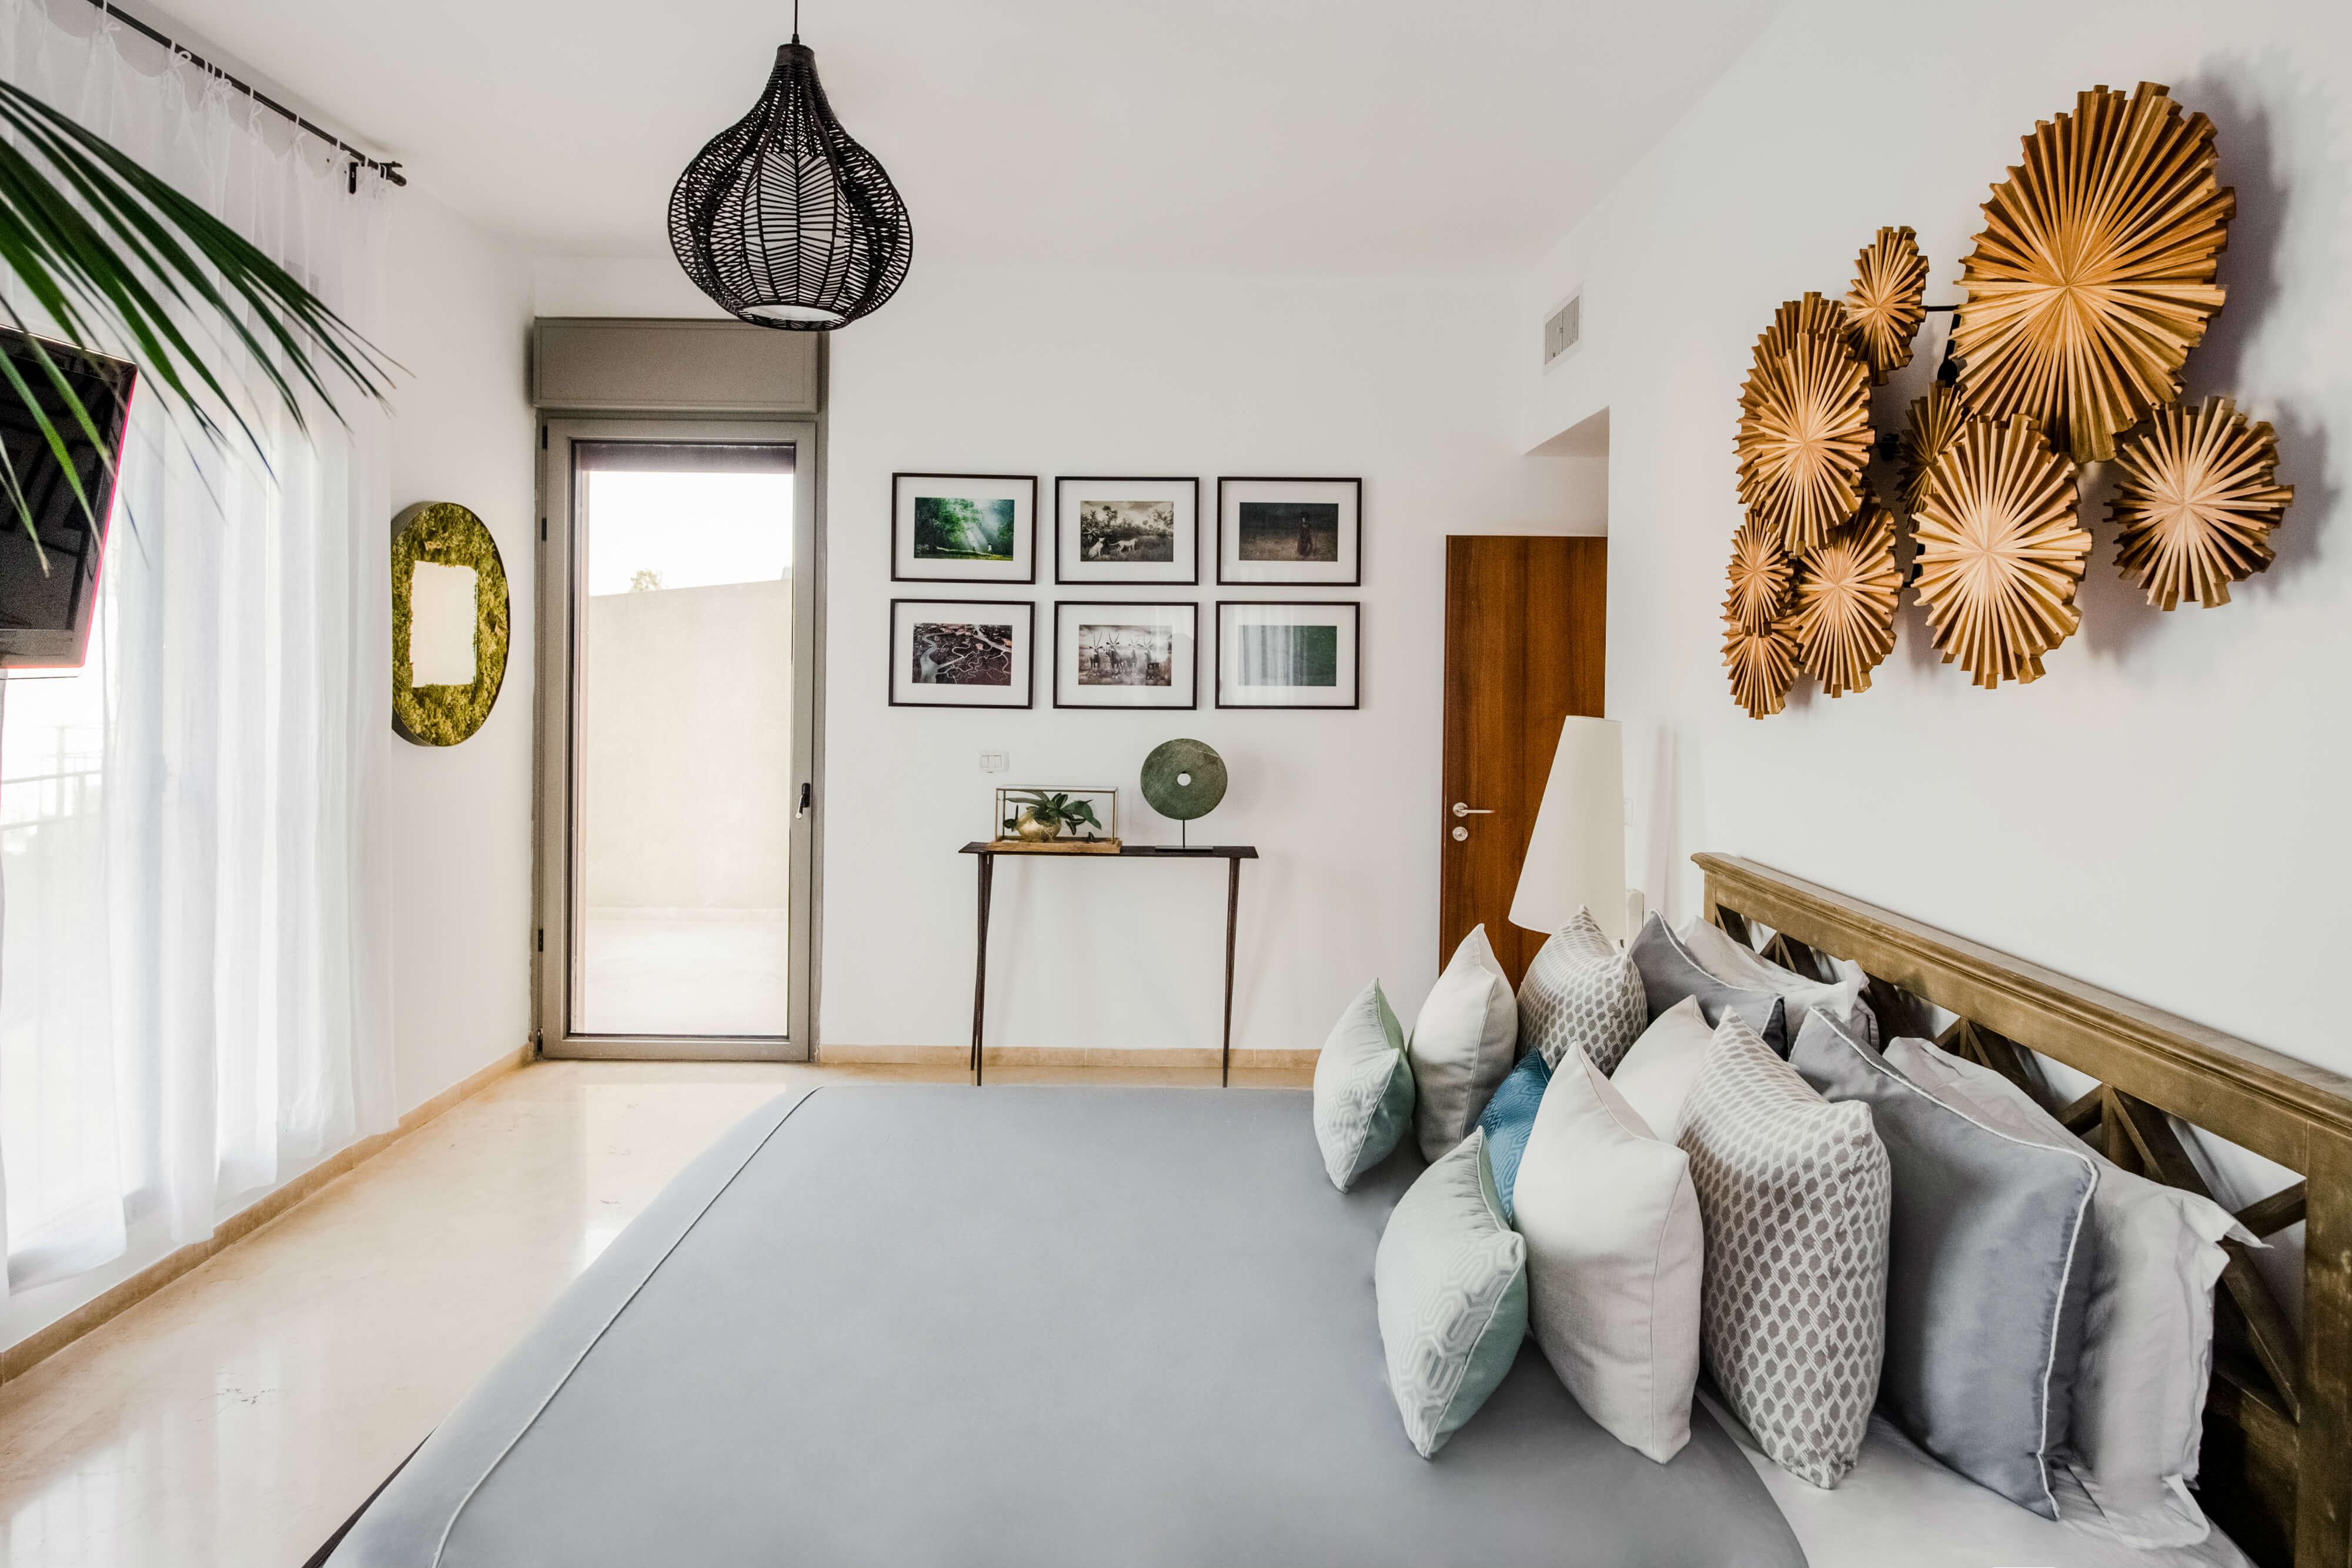 עיצוב חדר שינה לדירה בתל אביב